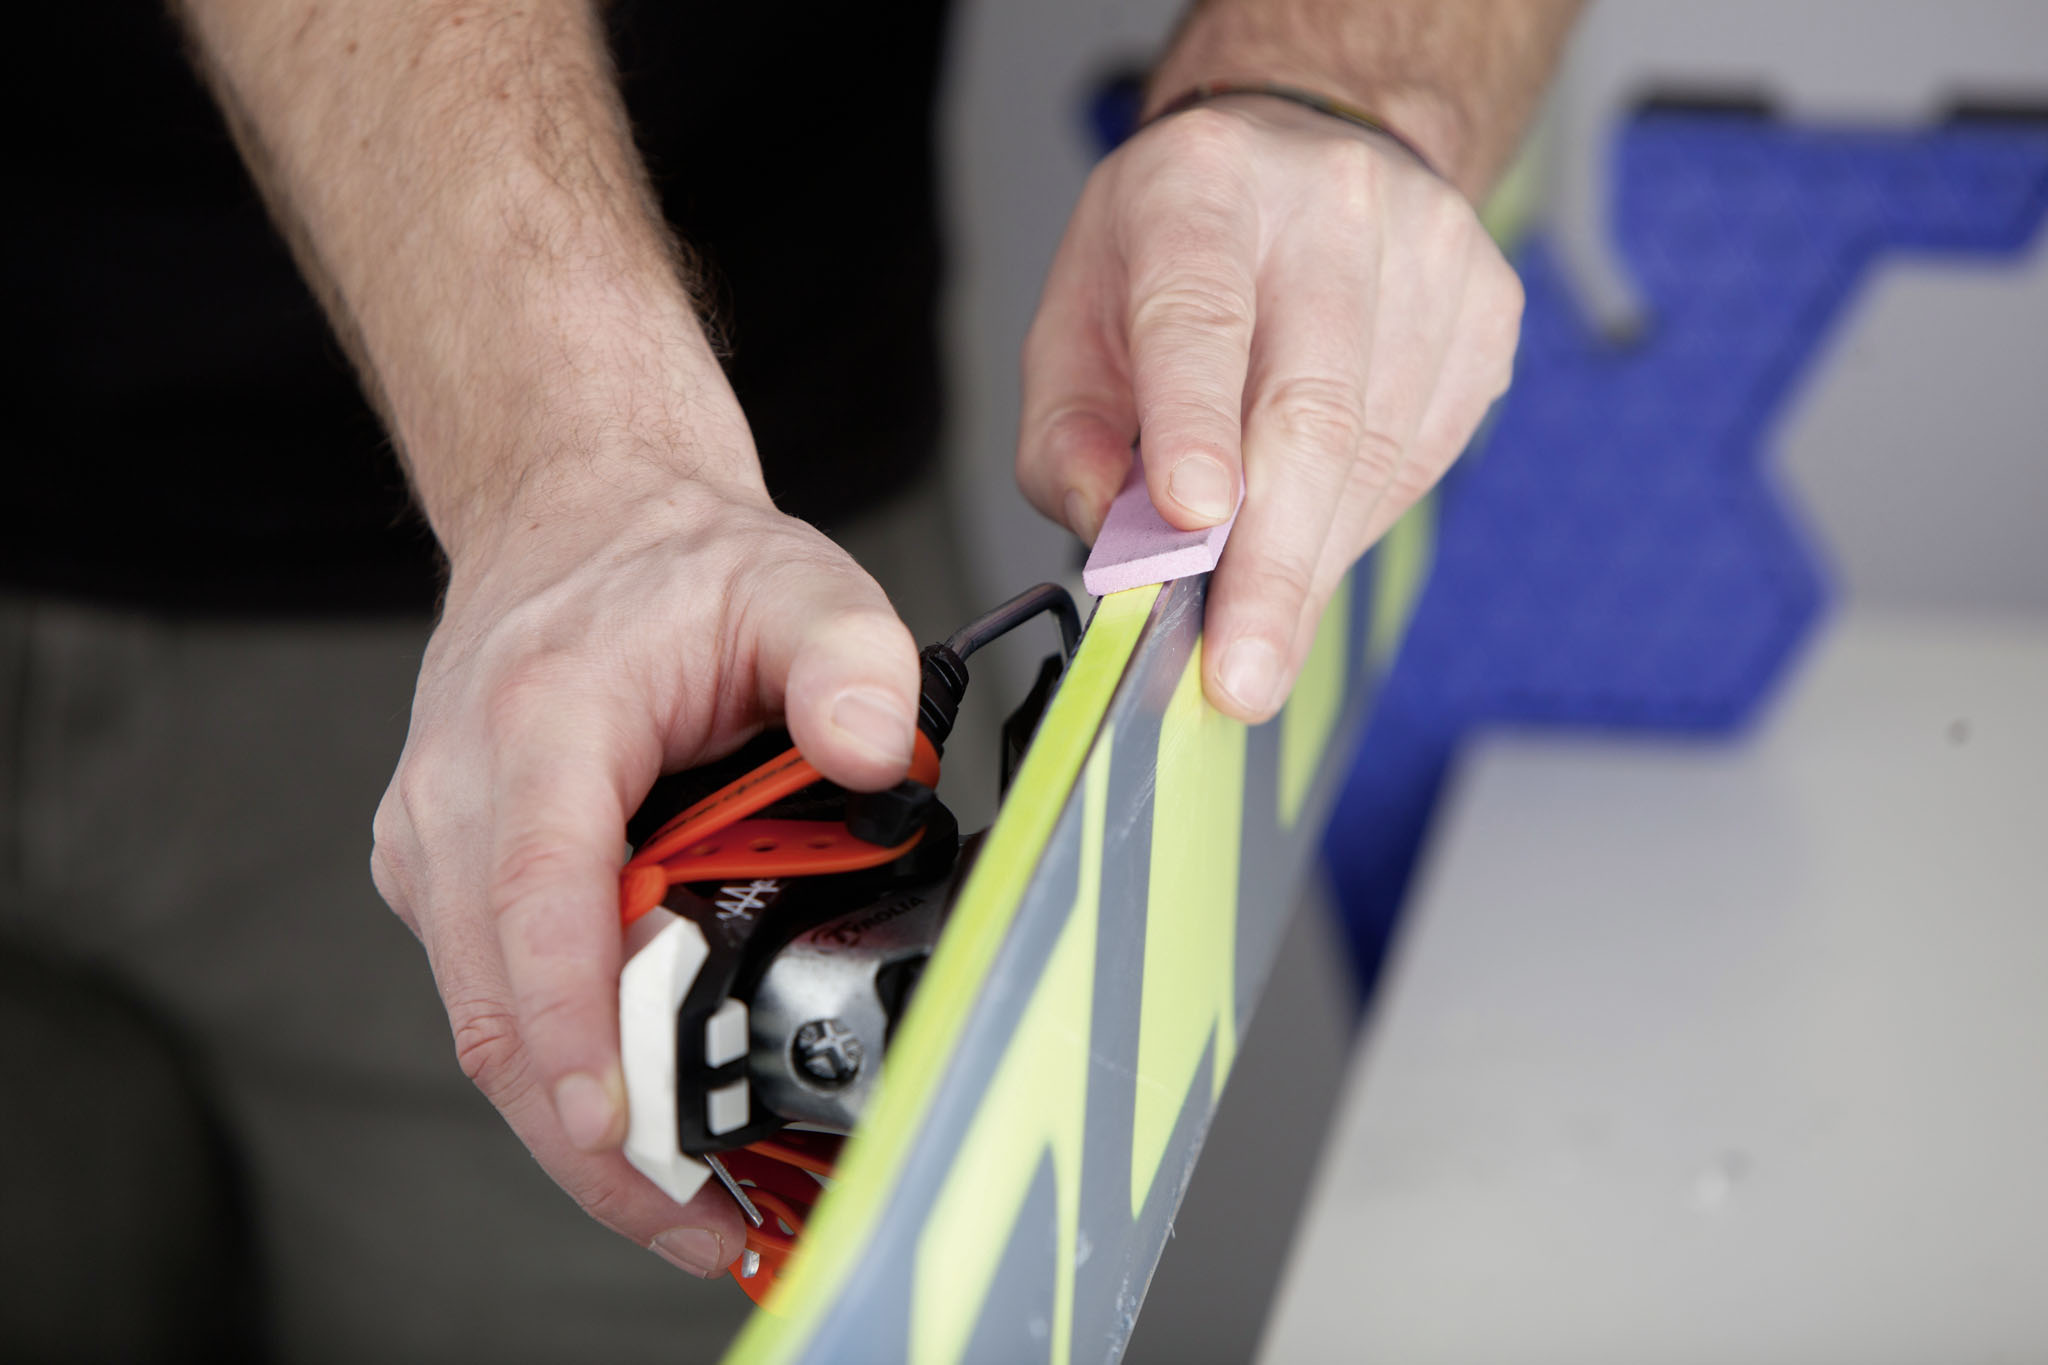 Mit dem jeweils richtigen Werkzeug gehen viele Arbeiten leichter von der Hand. Für das Lösen von Rost sowie Verhärtungen ist ein Aluoxidstein am besten geeignet.